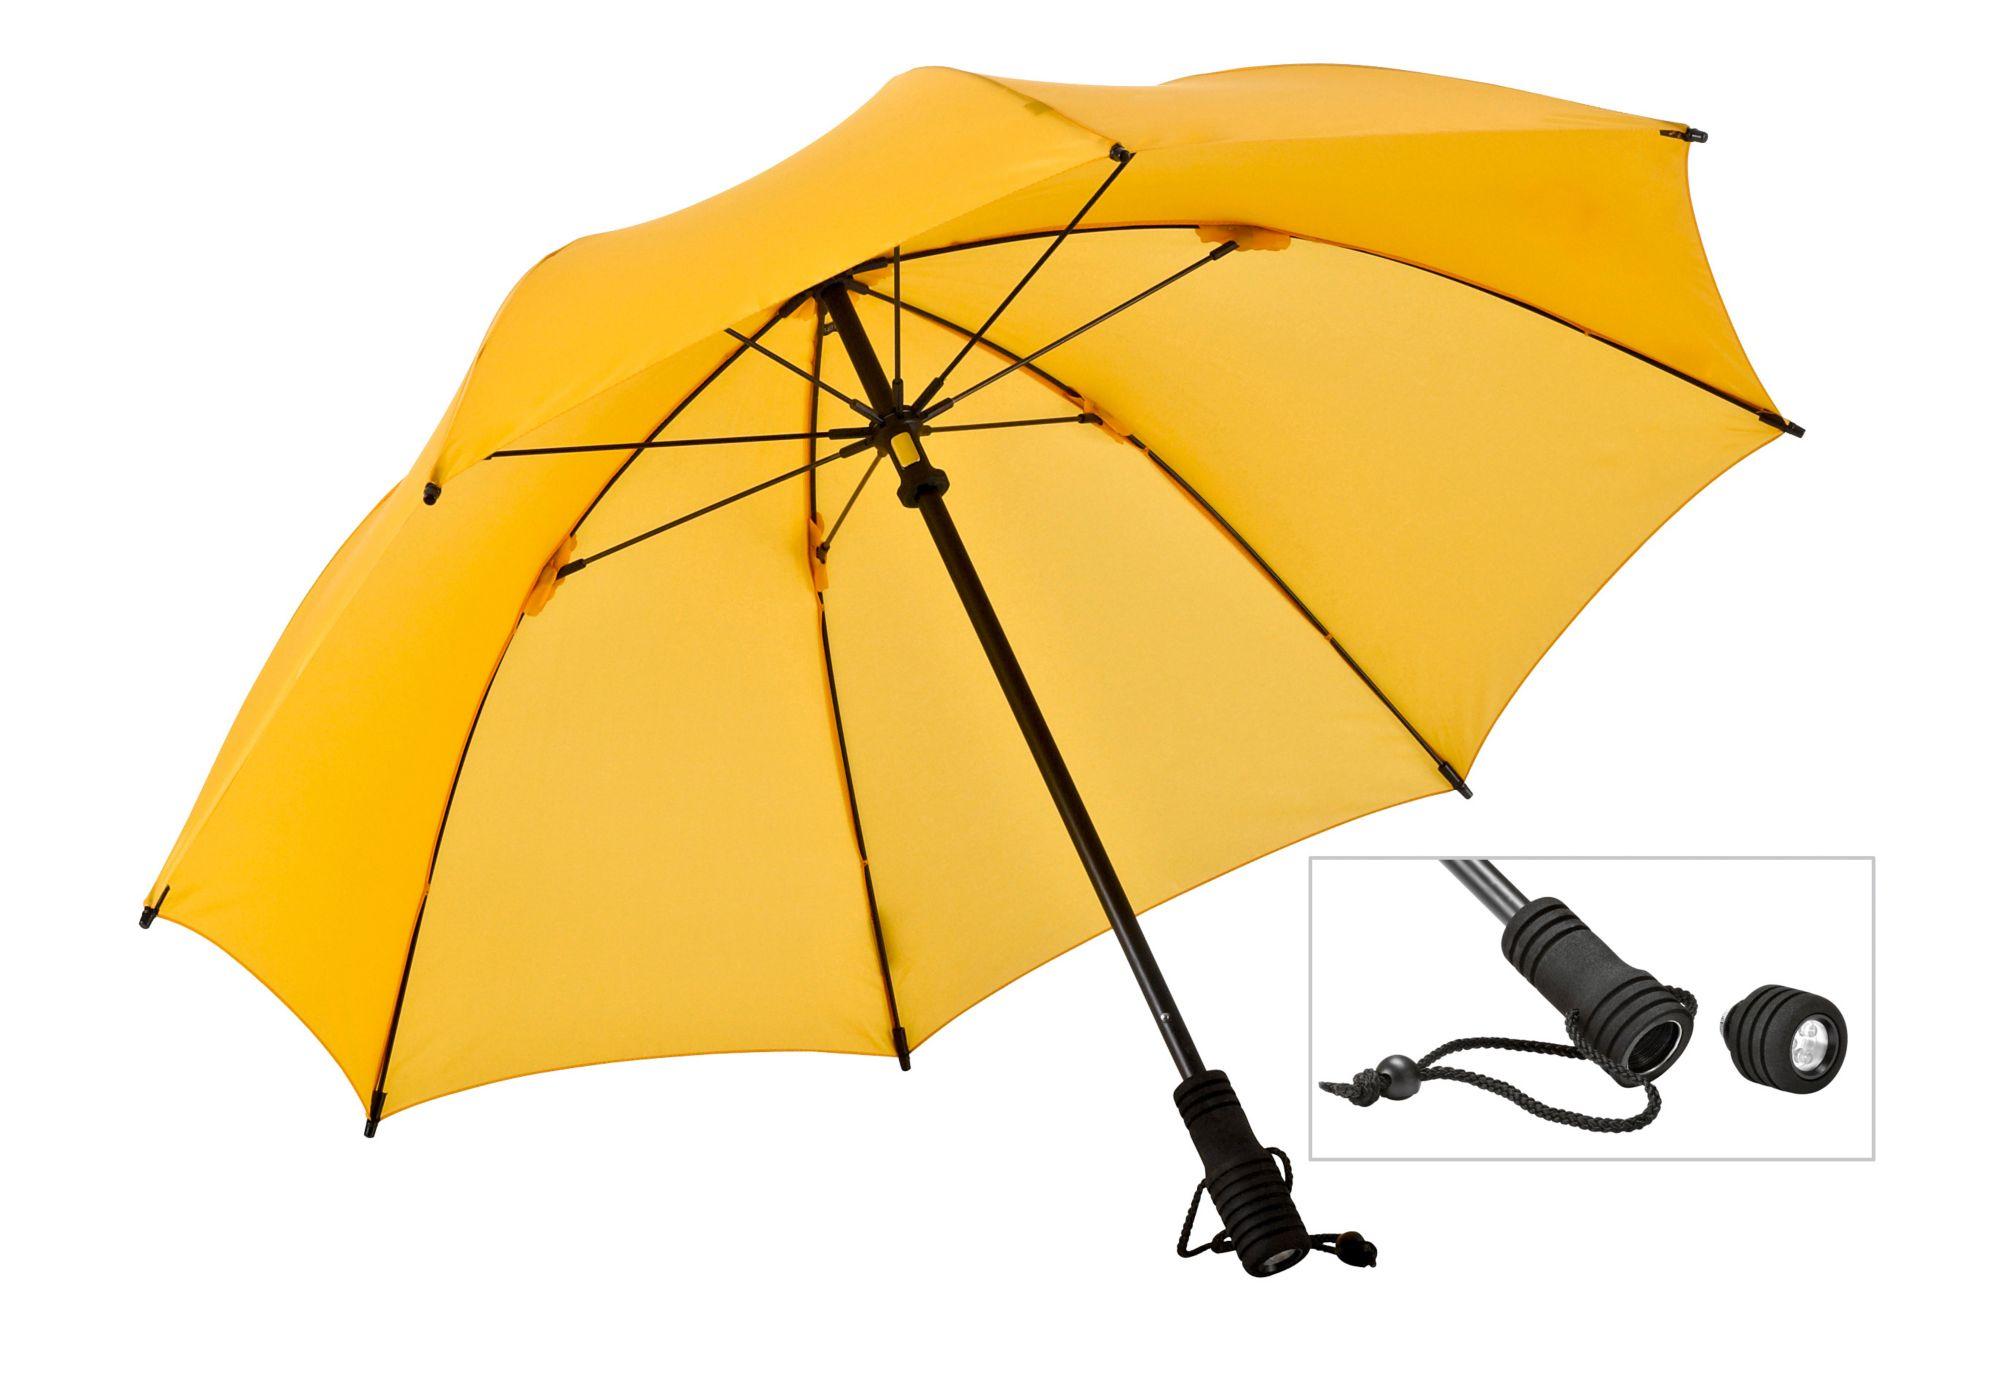 EUROSCHIRM® Euroschirm® Regenschirm mit Taschenlampe, »Swing FLASHLITE«